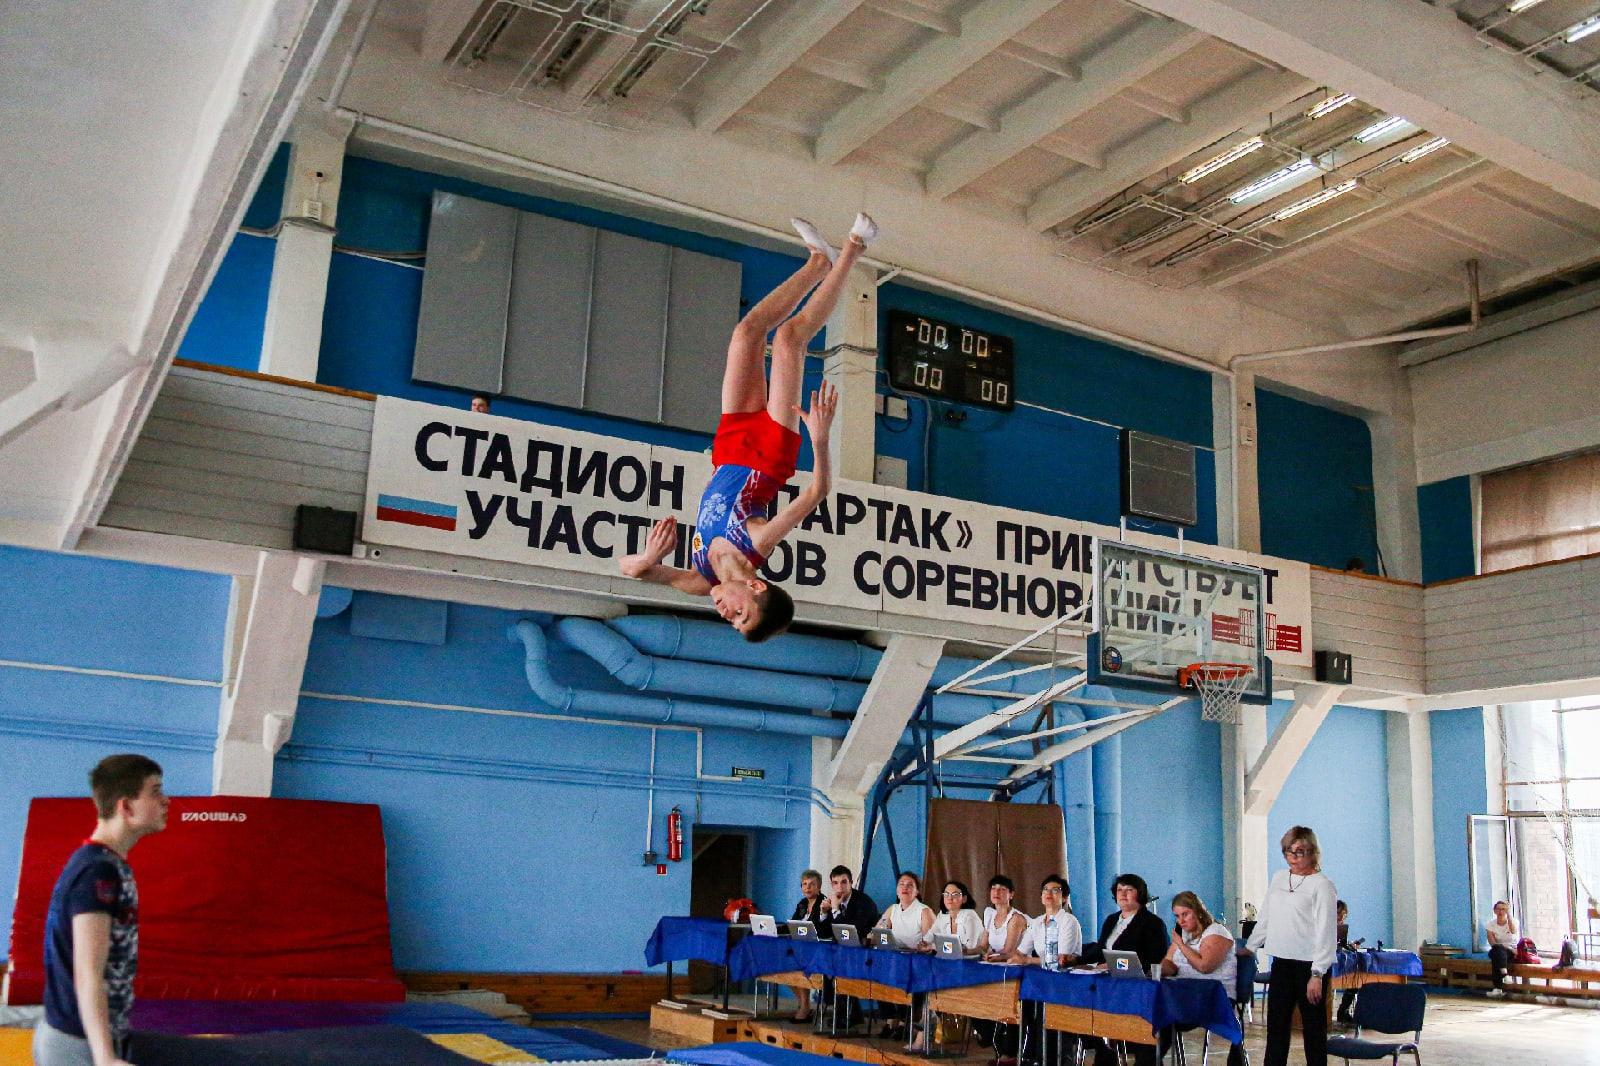 фото Всероссийские соревнования по прыжкам на батуте проходят в Новосибирске 8